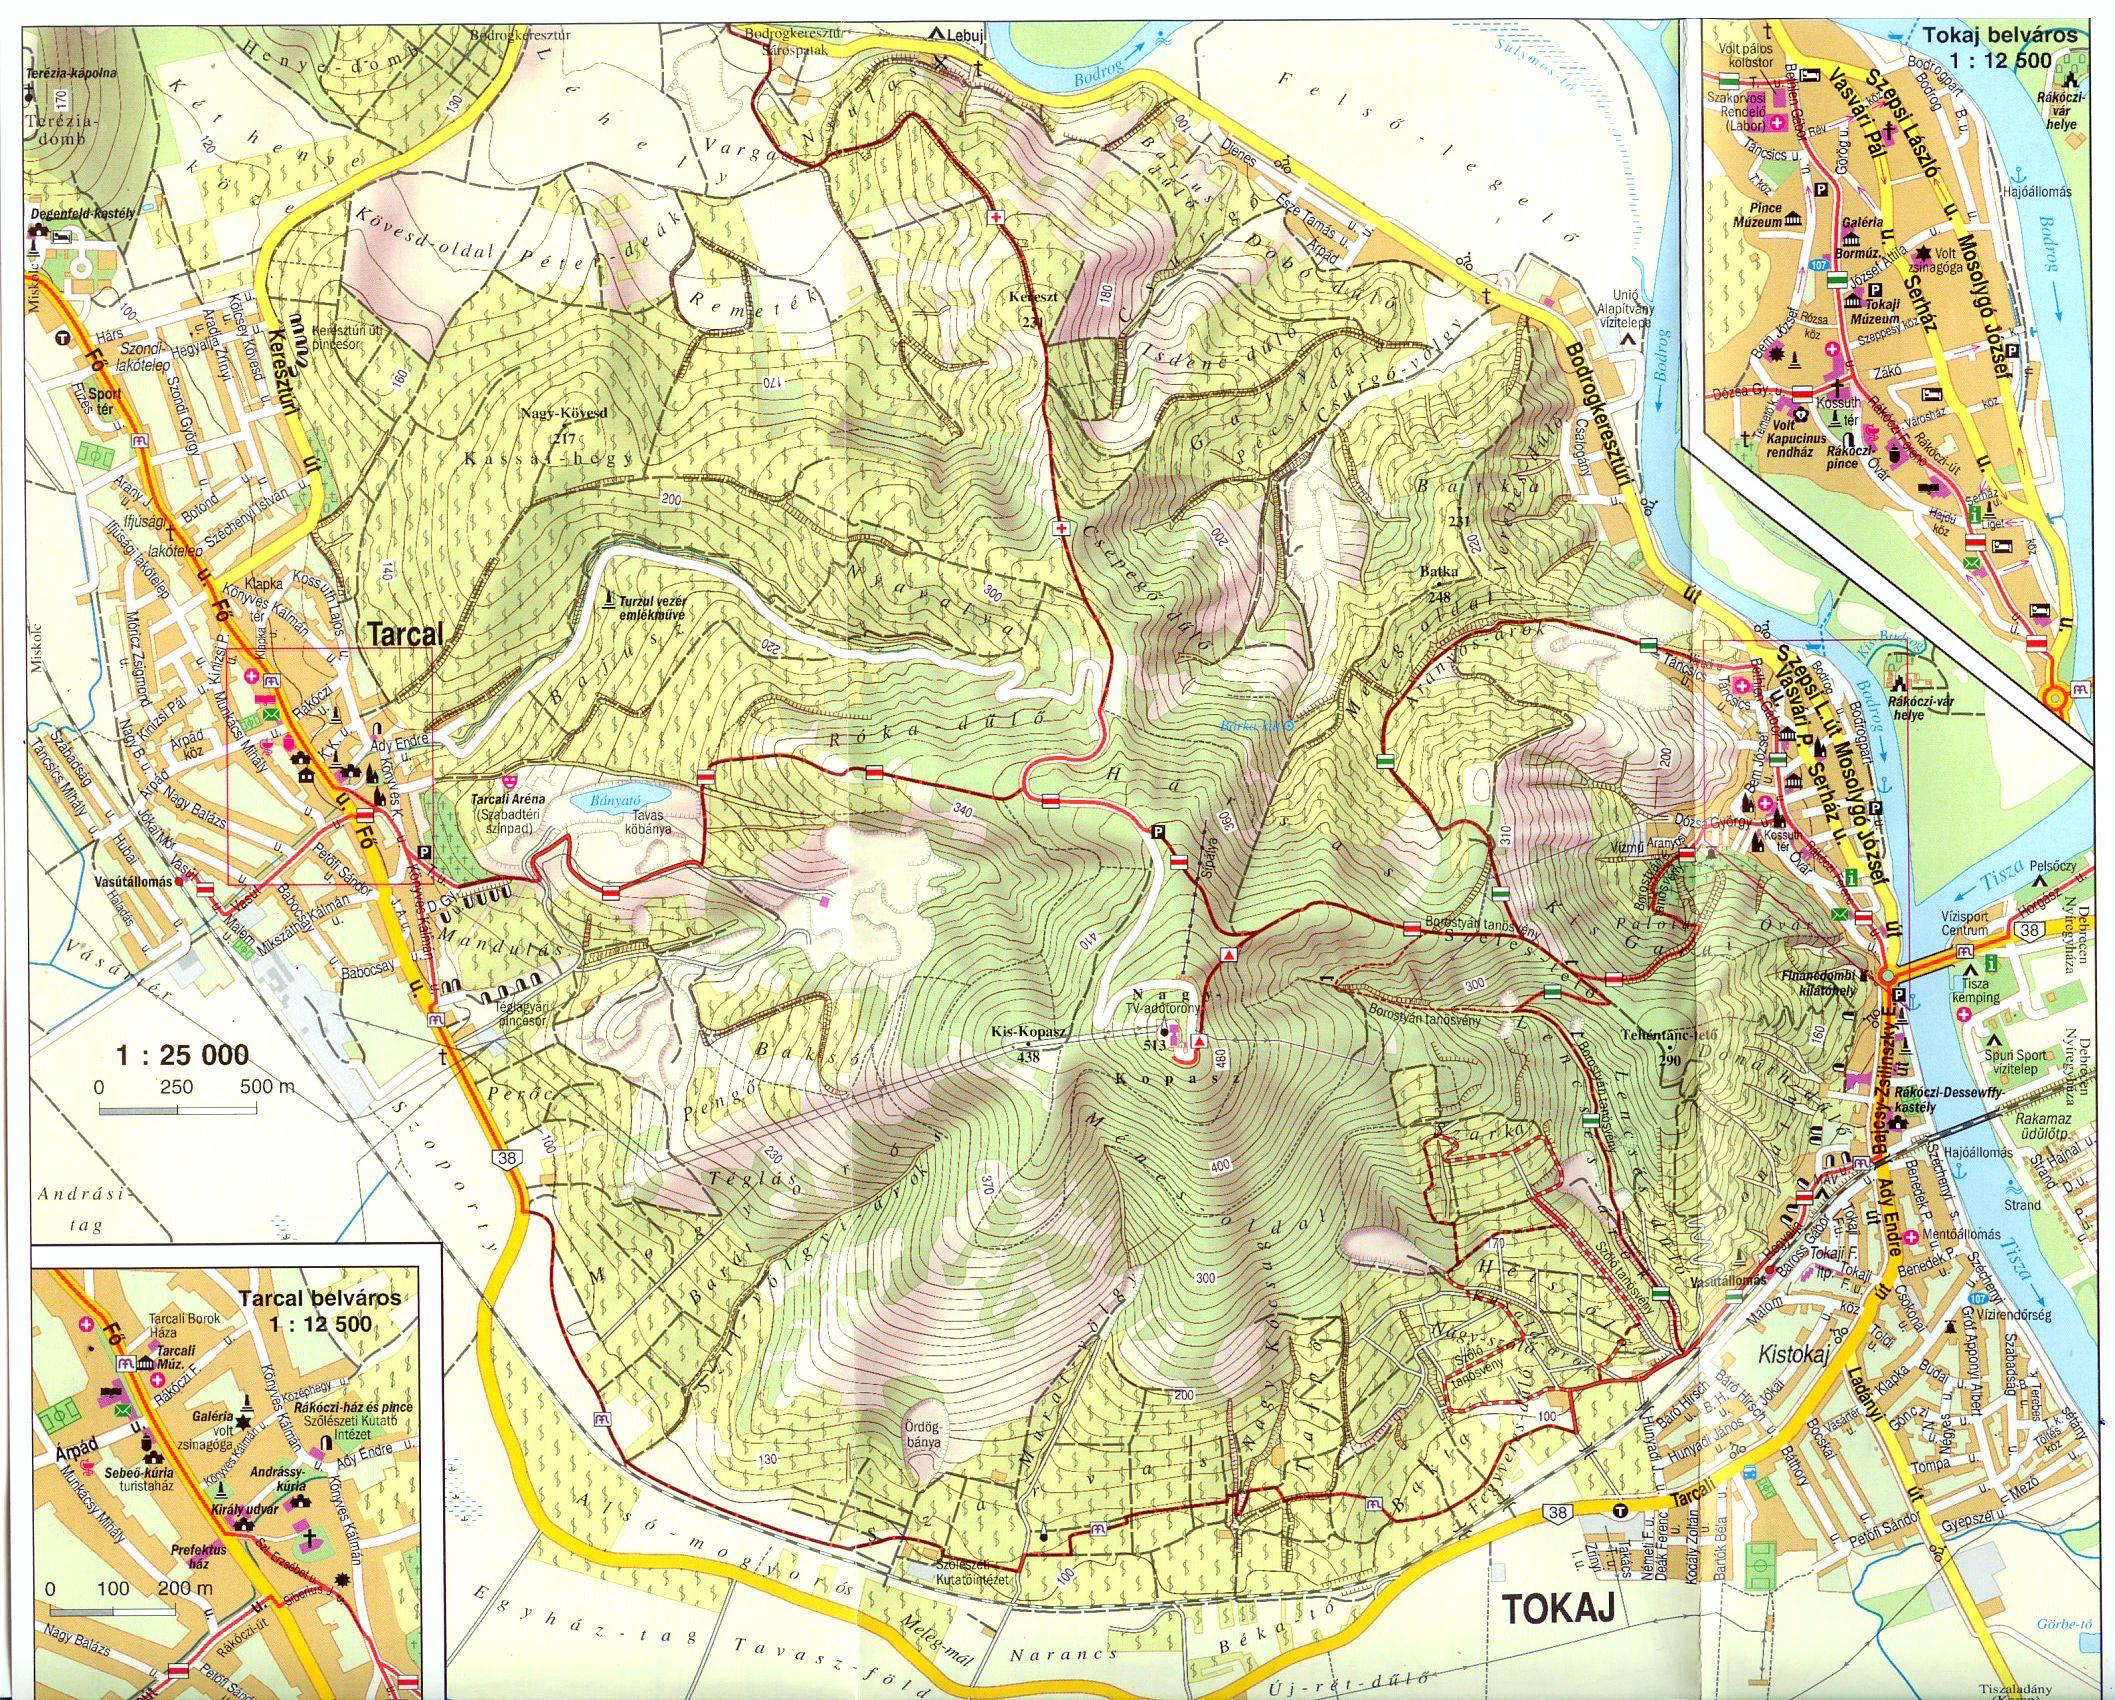 Zempléni-hegység: Tokaj 1:25.000